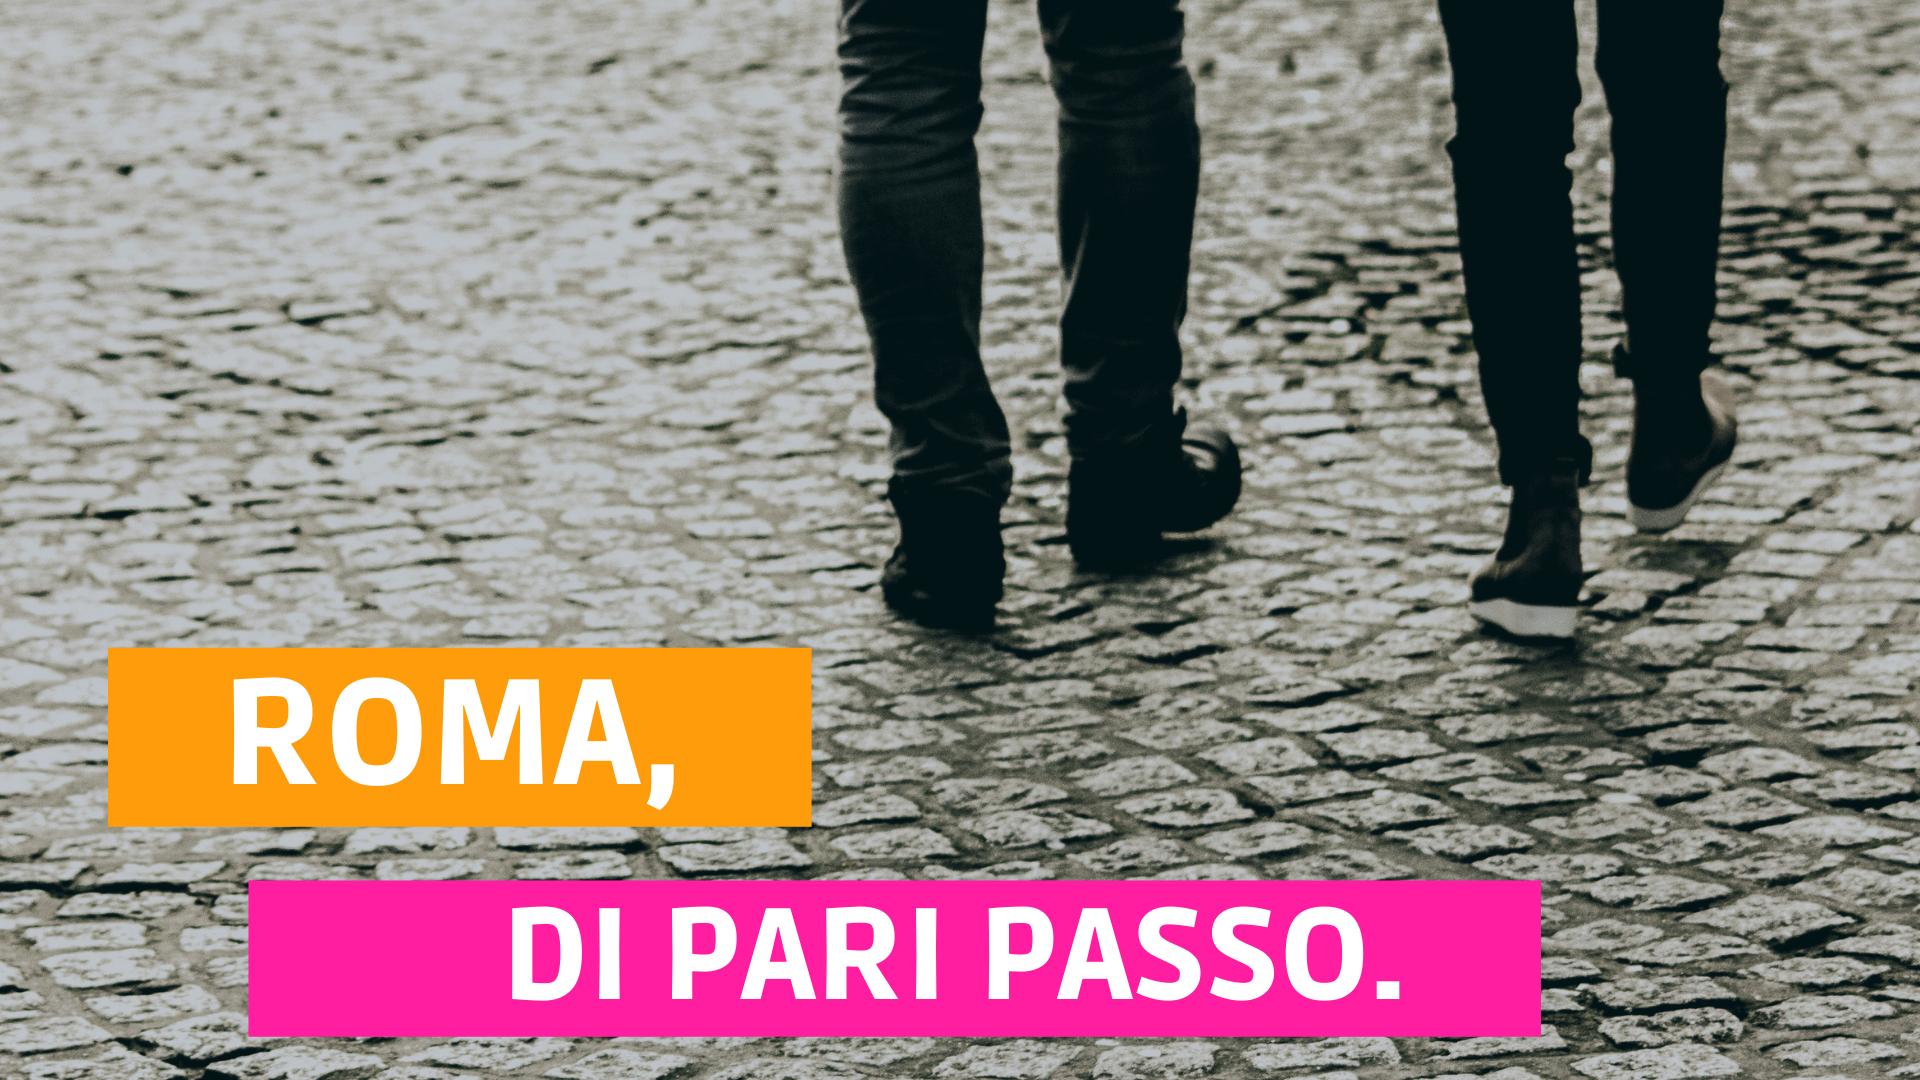 ROMA, DI PARI PASSO.